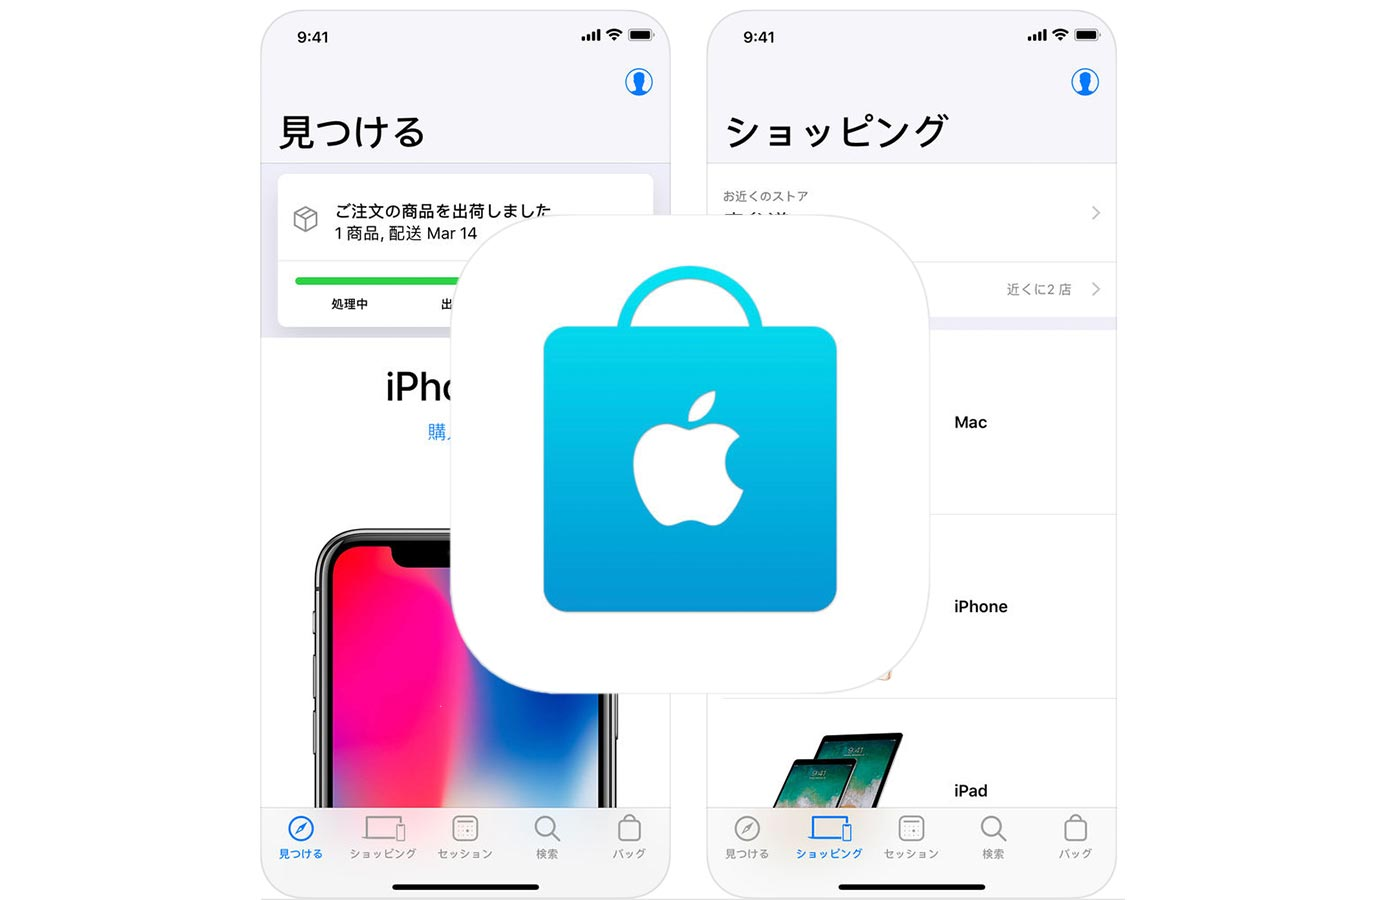 Apple、iOS向けアプリ「Apple Store 5.0」リリース ― セッションや検索タブなどが追加